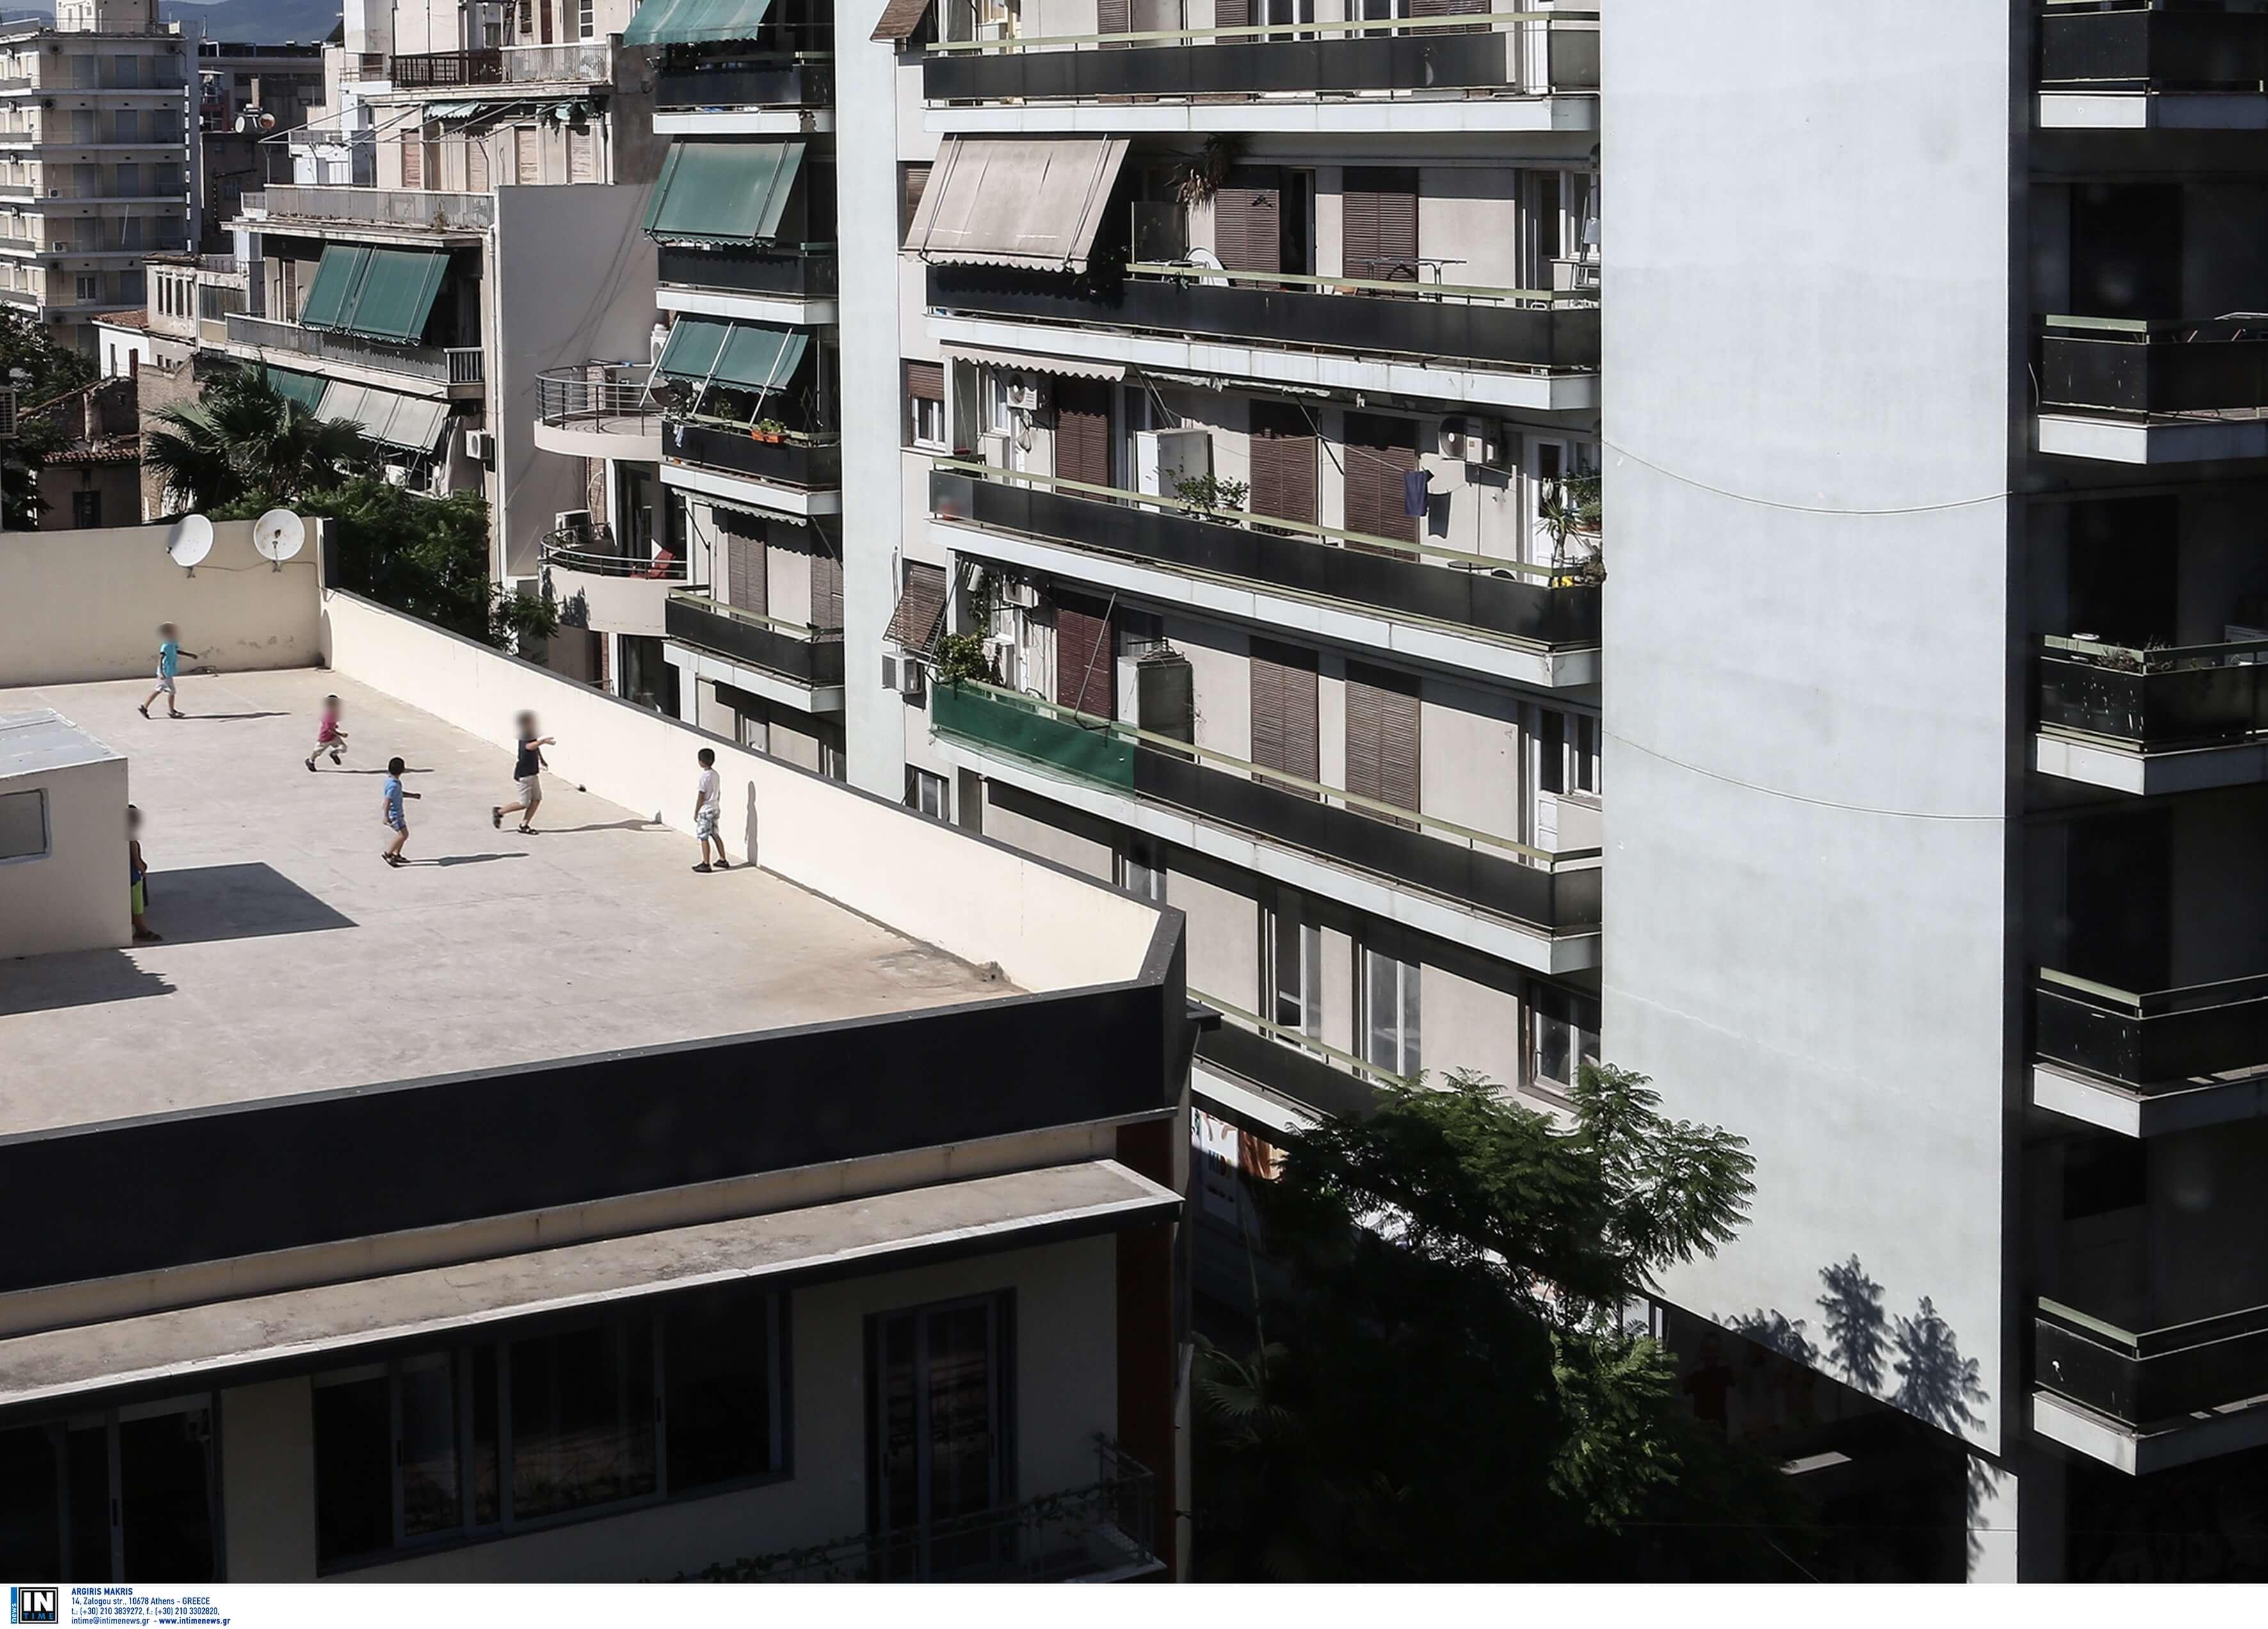 Τρίκαλα: Παιχνίδι θανάτου για ανήλικο παιδί – Έπεσε από την ταράτσα πολυκατοικίας και σκοτώθηκε!